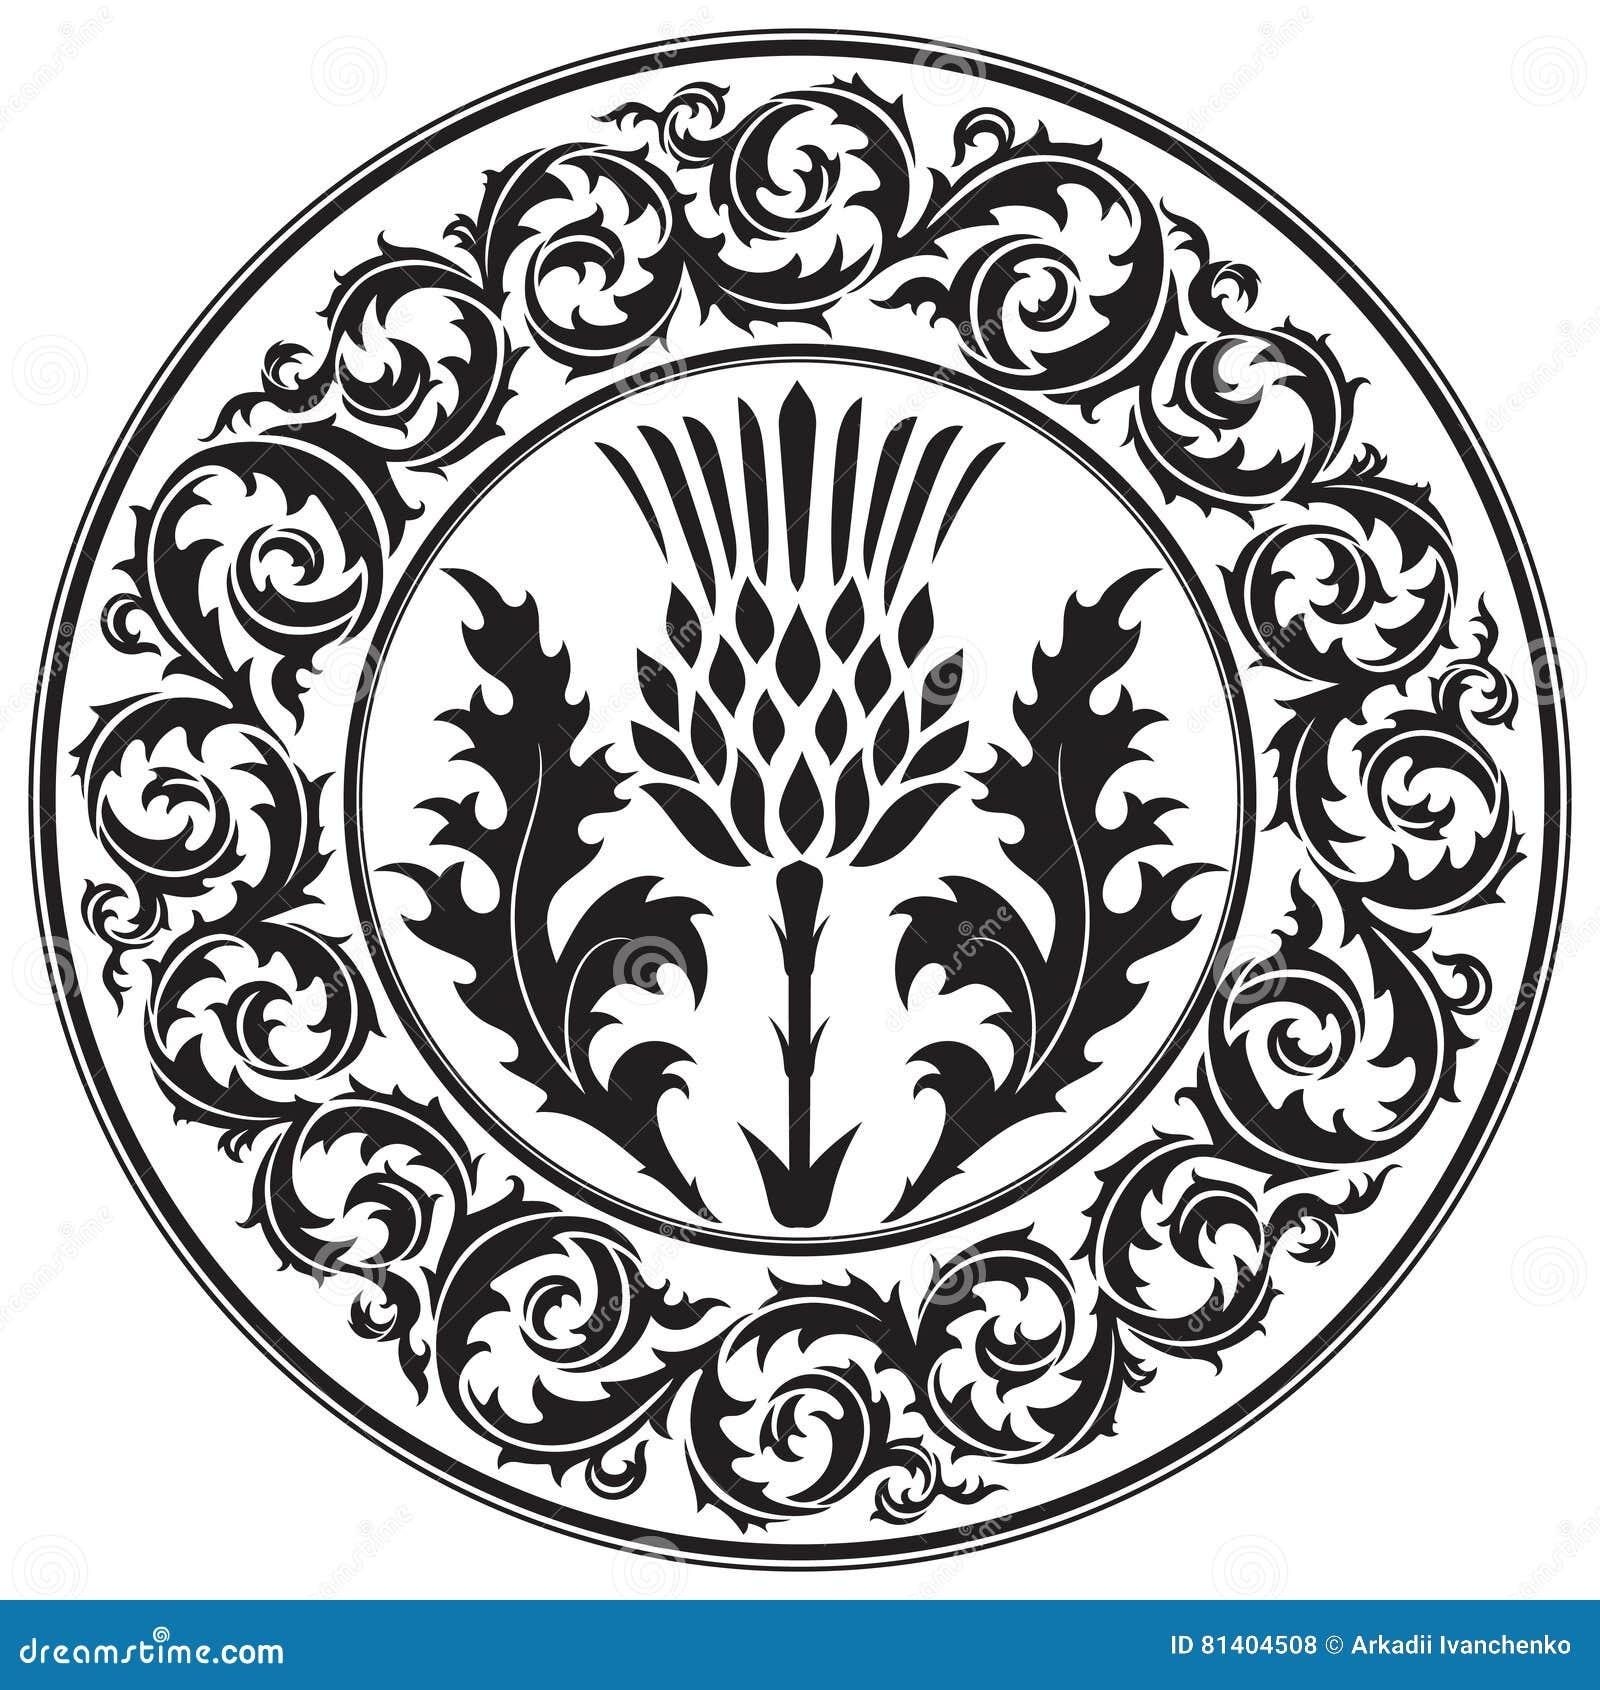 Fleur de chardon et chardon rond de feuille d 39 ornement le symbole de l 39 ecosse illustration de - Le chardon d ecosse ...